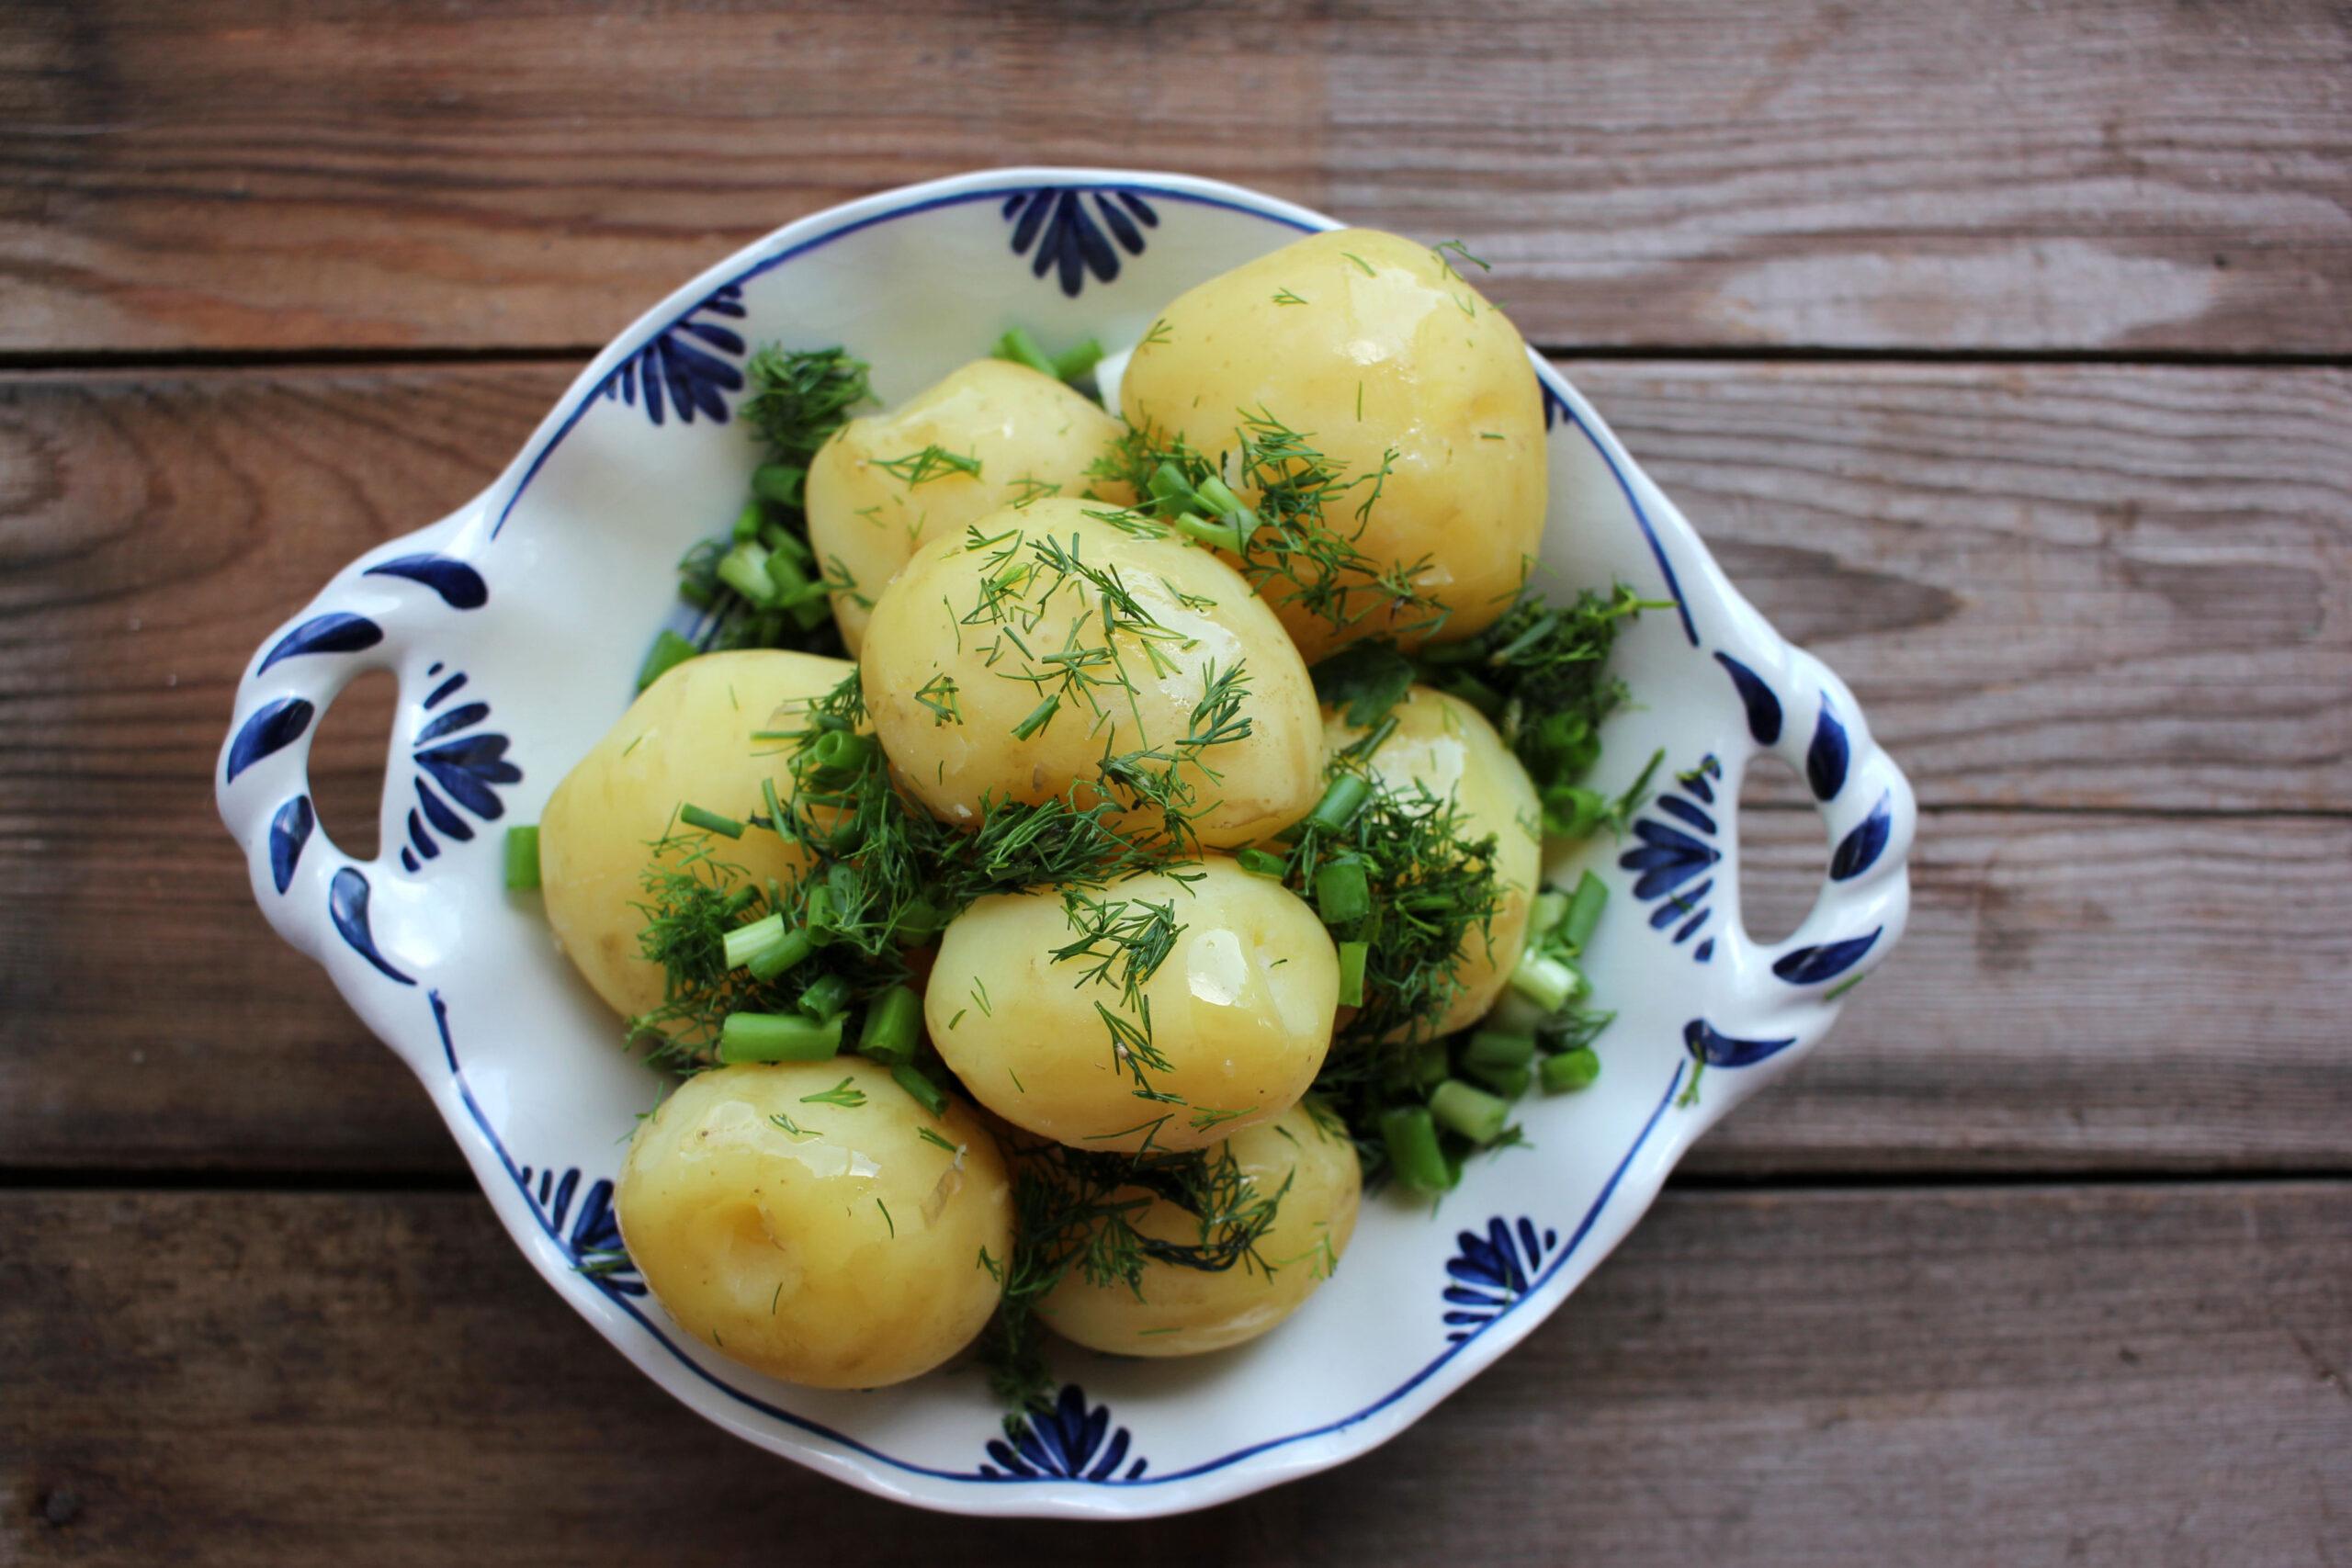 Oppskrift kokte poteter koketid tips matlaging